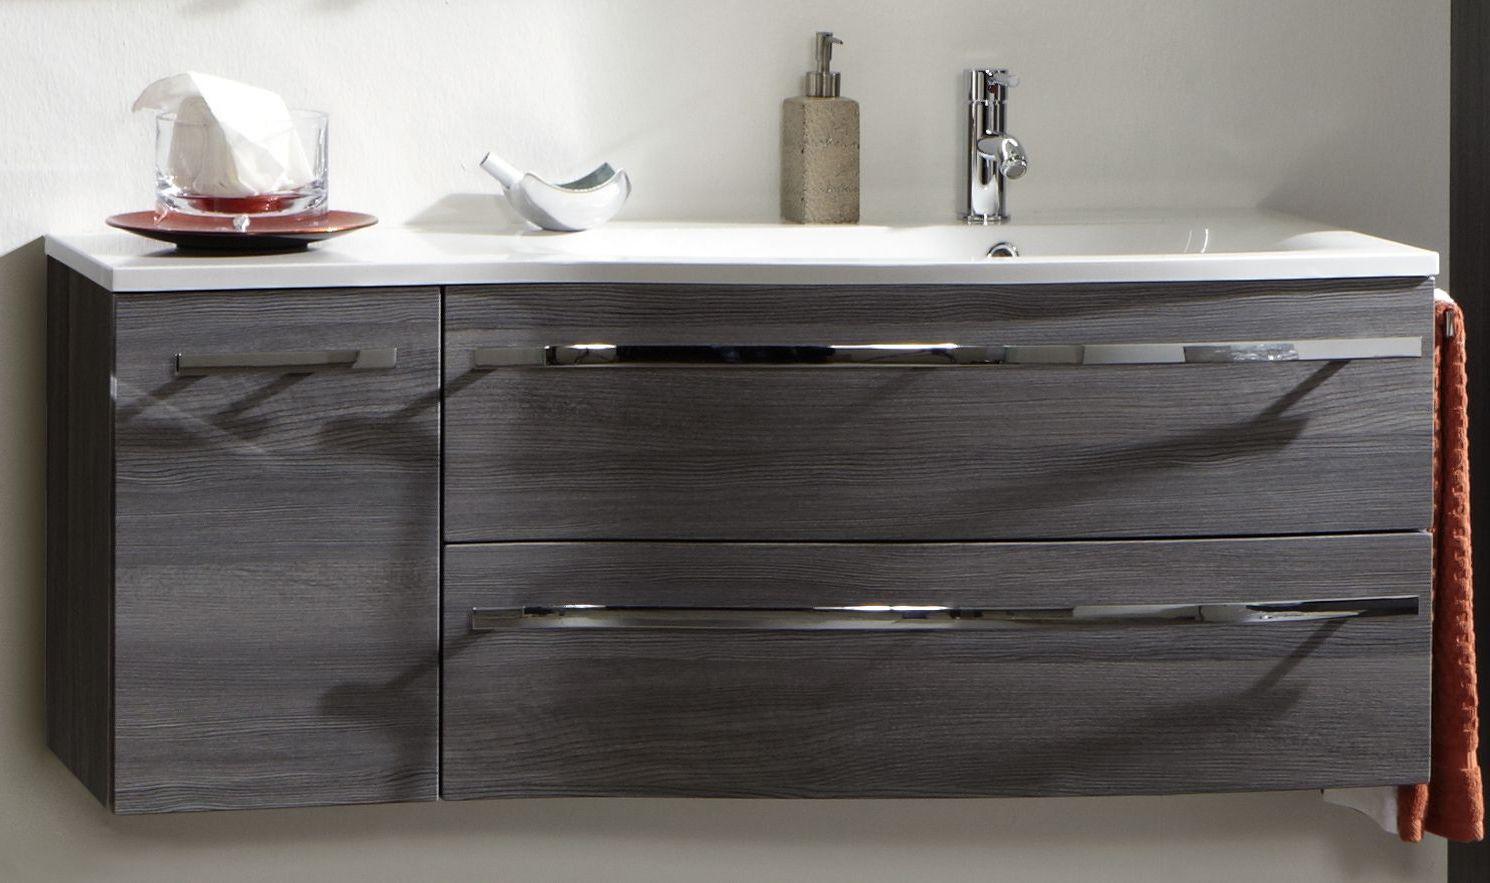 marlin bad 3160 motion 120 cm konfigurator ablage links g nstig kaufen m bel universum. Black Bedroom Furniture Sets. Home Design Ideas